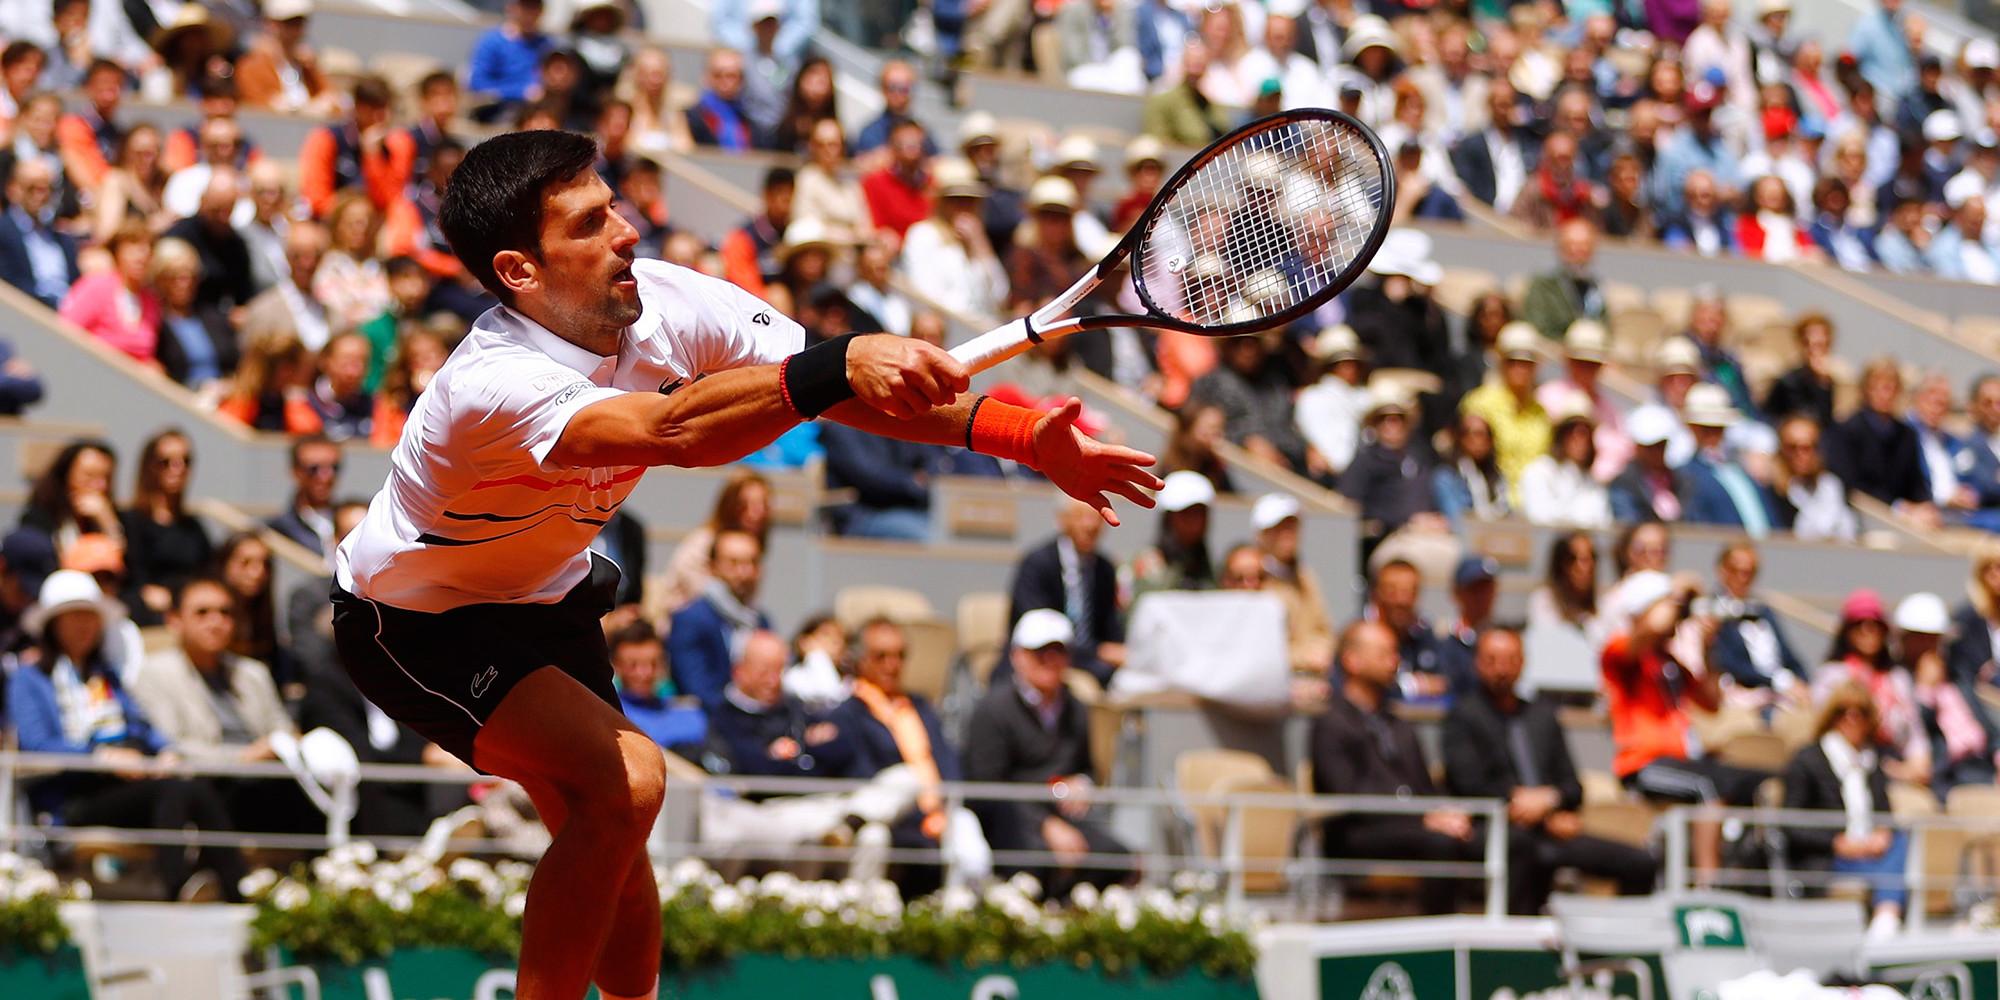 D'où vient la façon de compter les points au tennis?